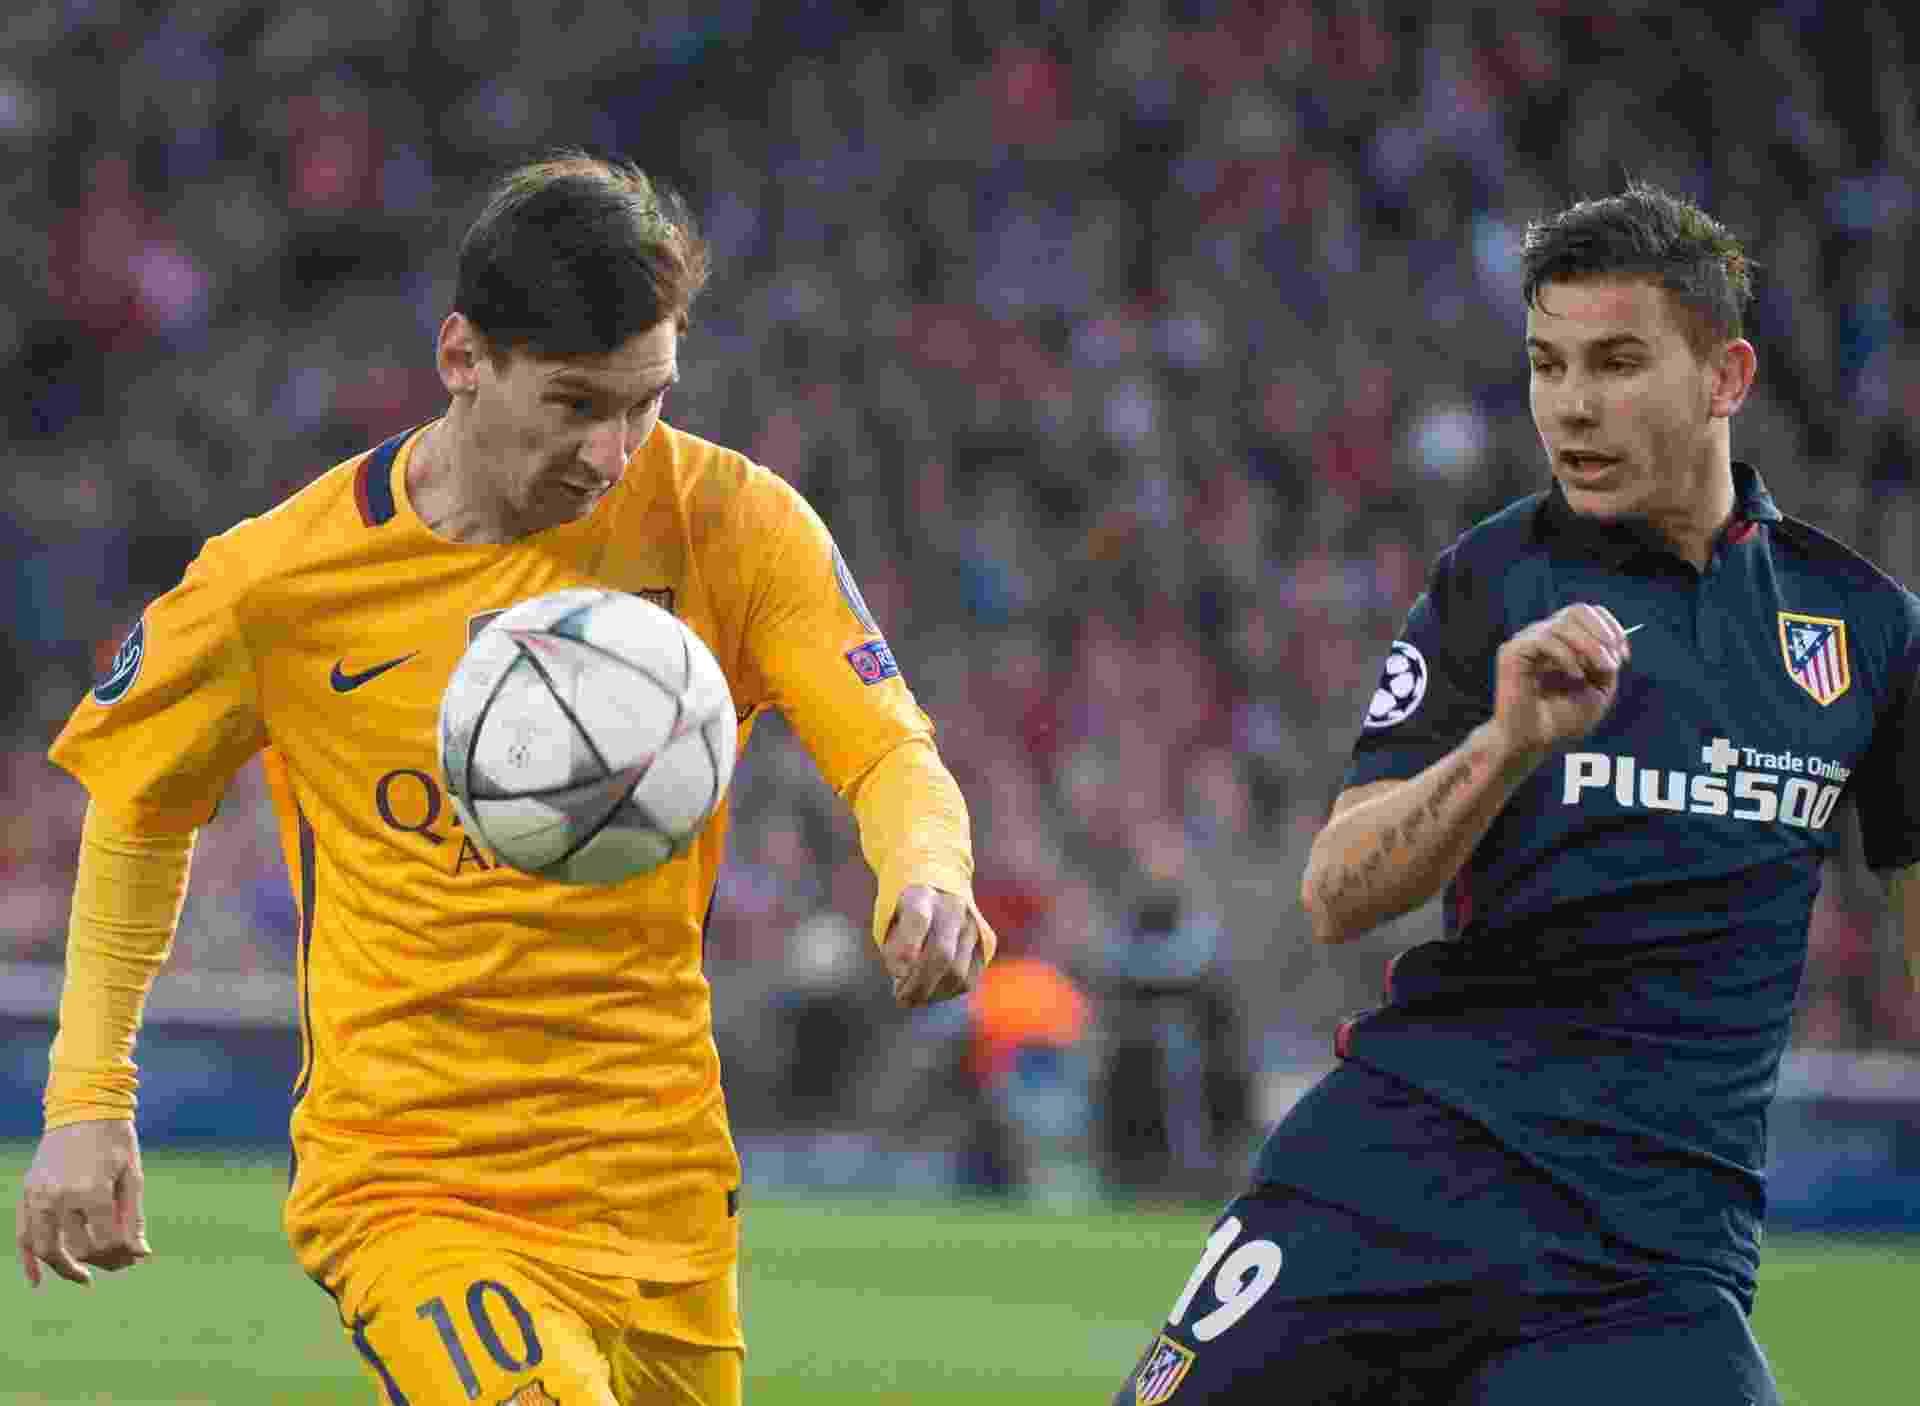 Lionel Messi conduz a bola acompanhado pela marcação de Hernandez na partida entre Atlético de Madri e Barcelona pela Liga dos Campeões - Curto De La Torre/AFP Photo